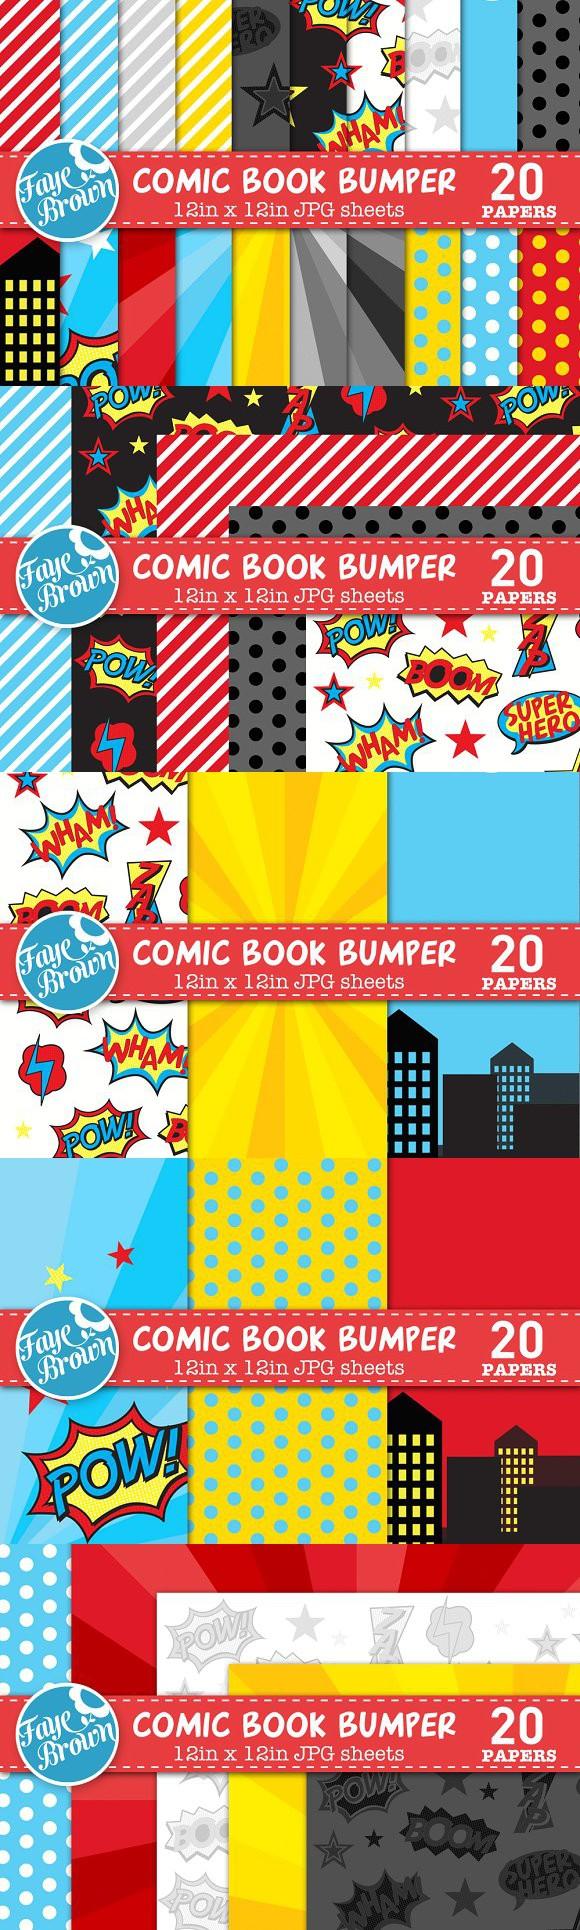 Scrapbook paper books - Comic Book Digital Scrapbook Paper